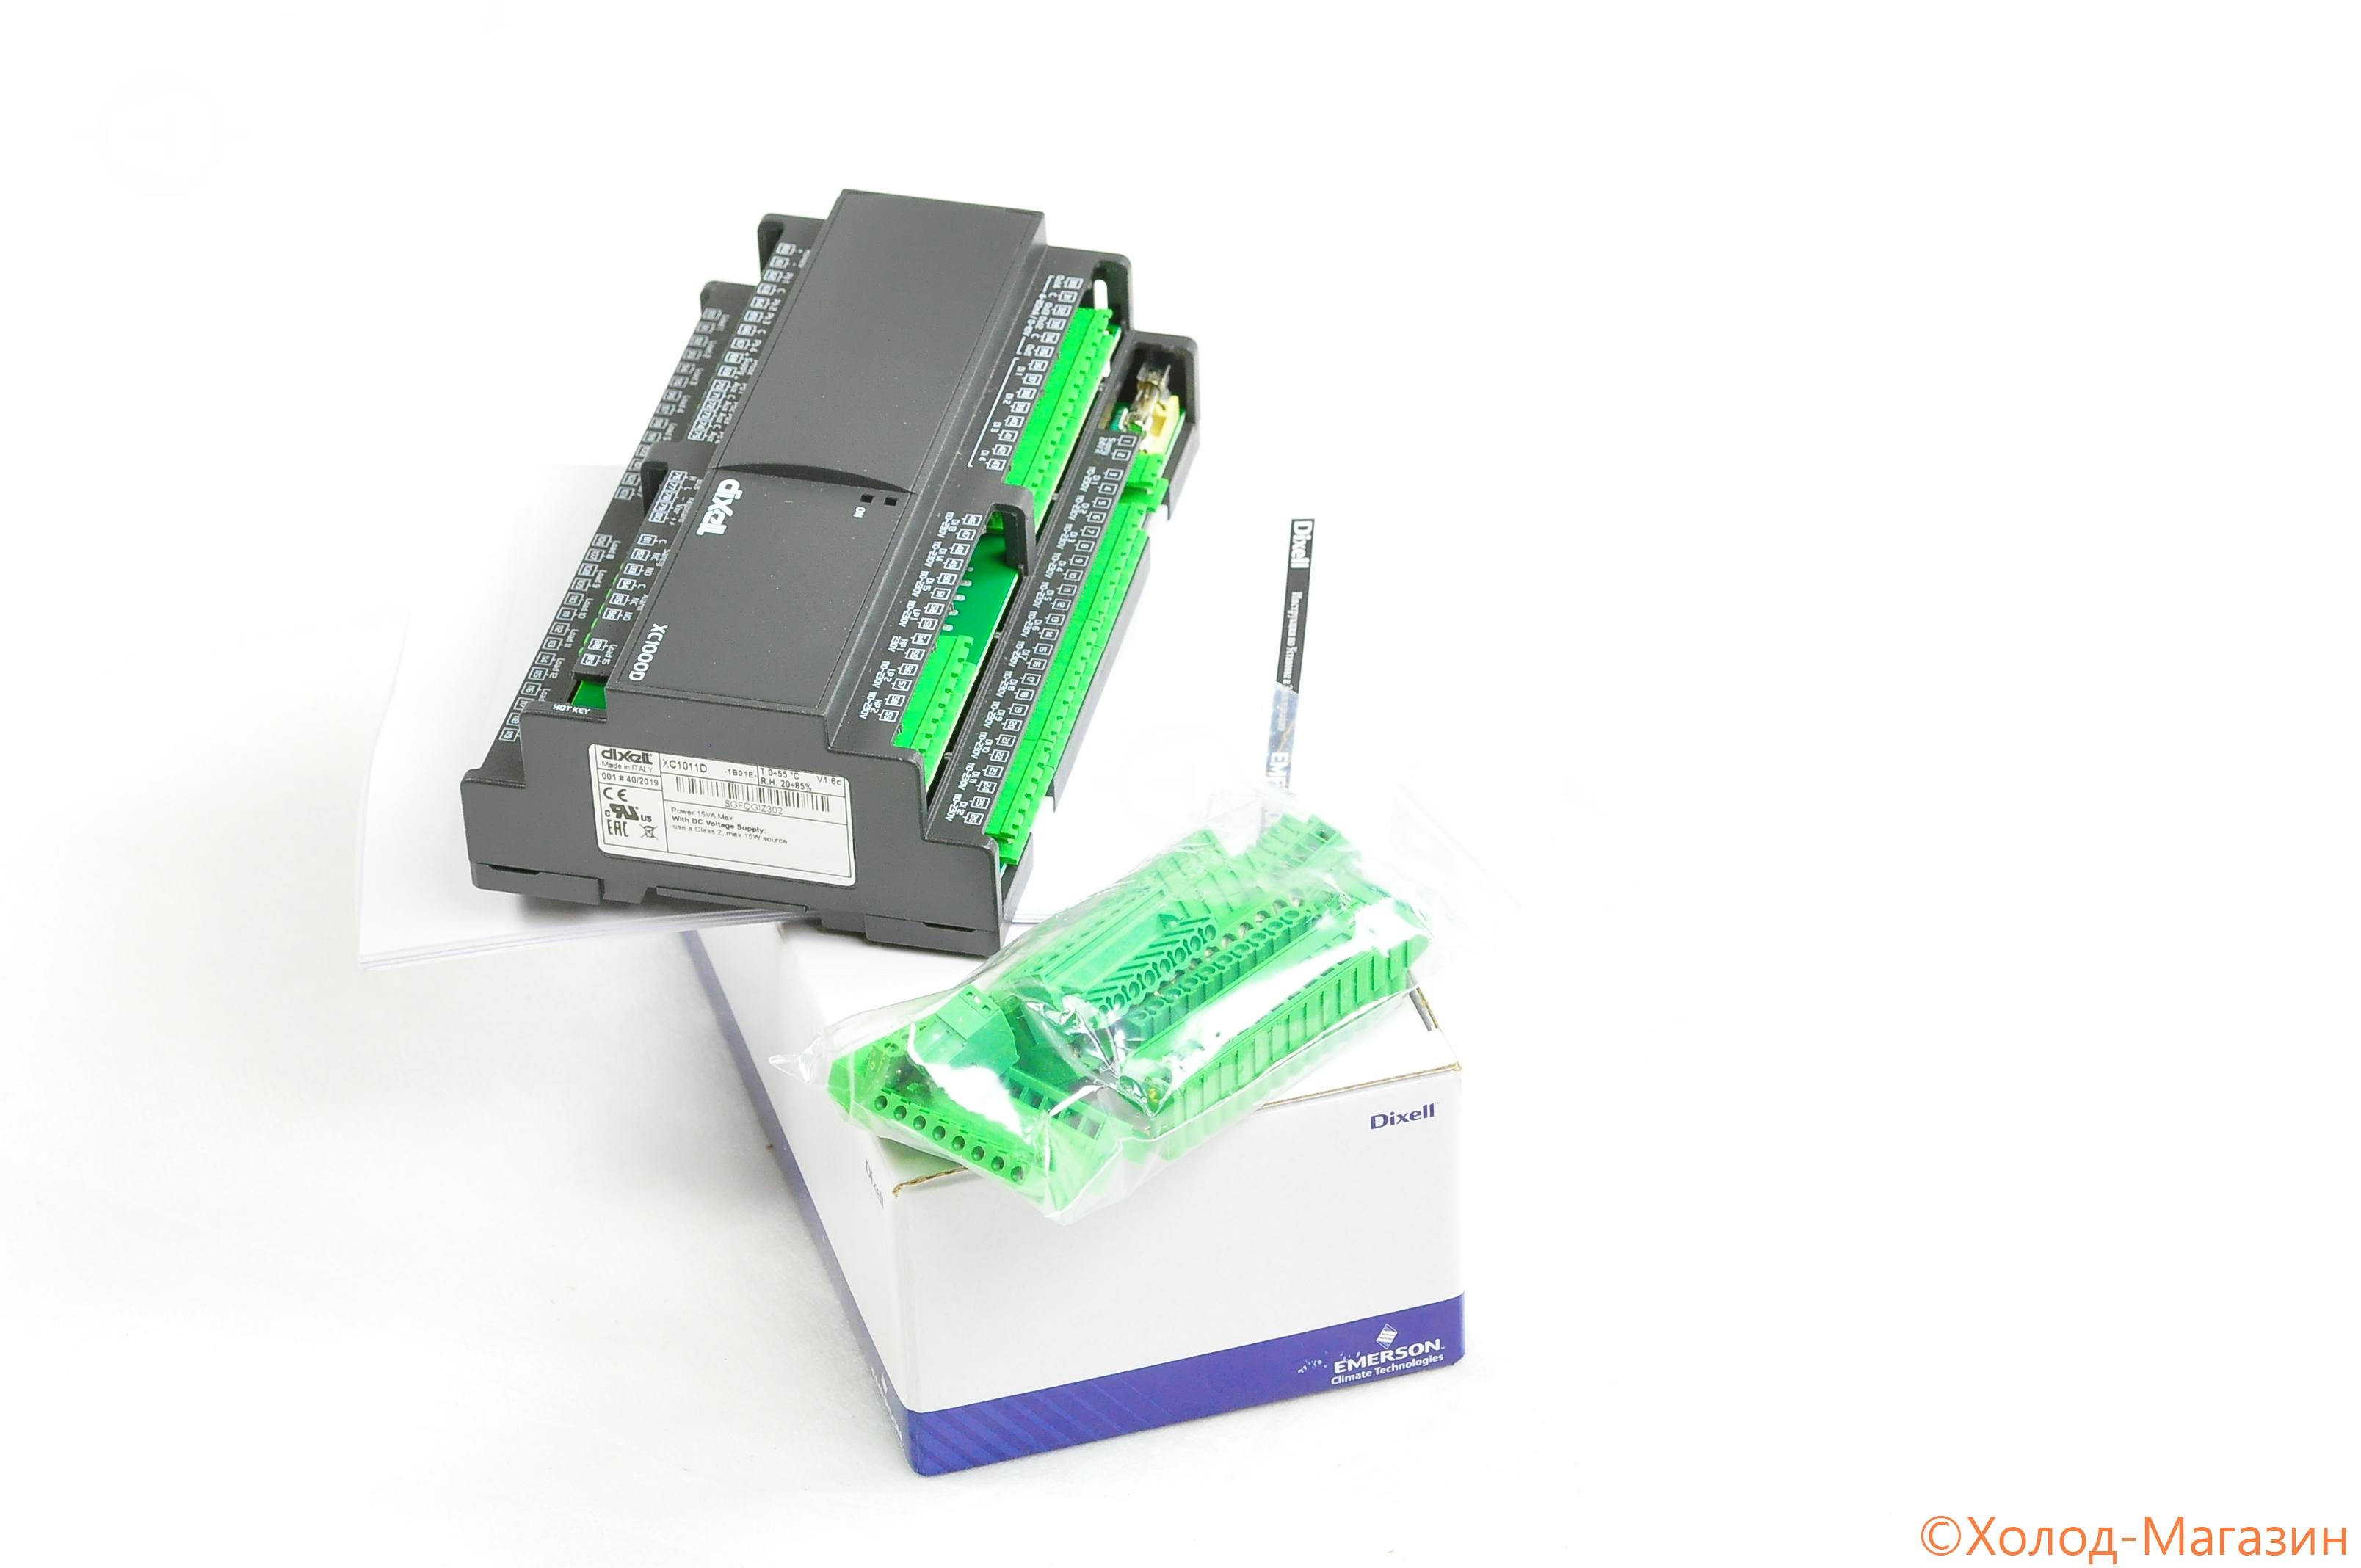 Контроллер Dixell XC1011D -1B01E 4.20MA +U4.20 V1.6 24V